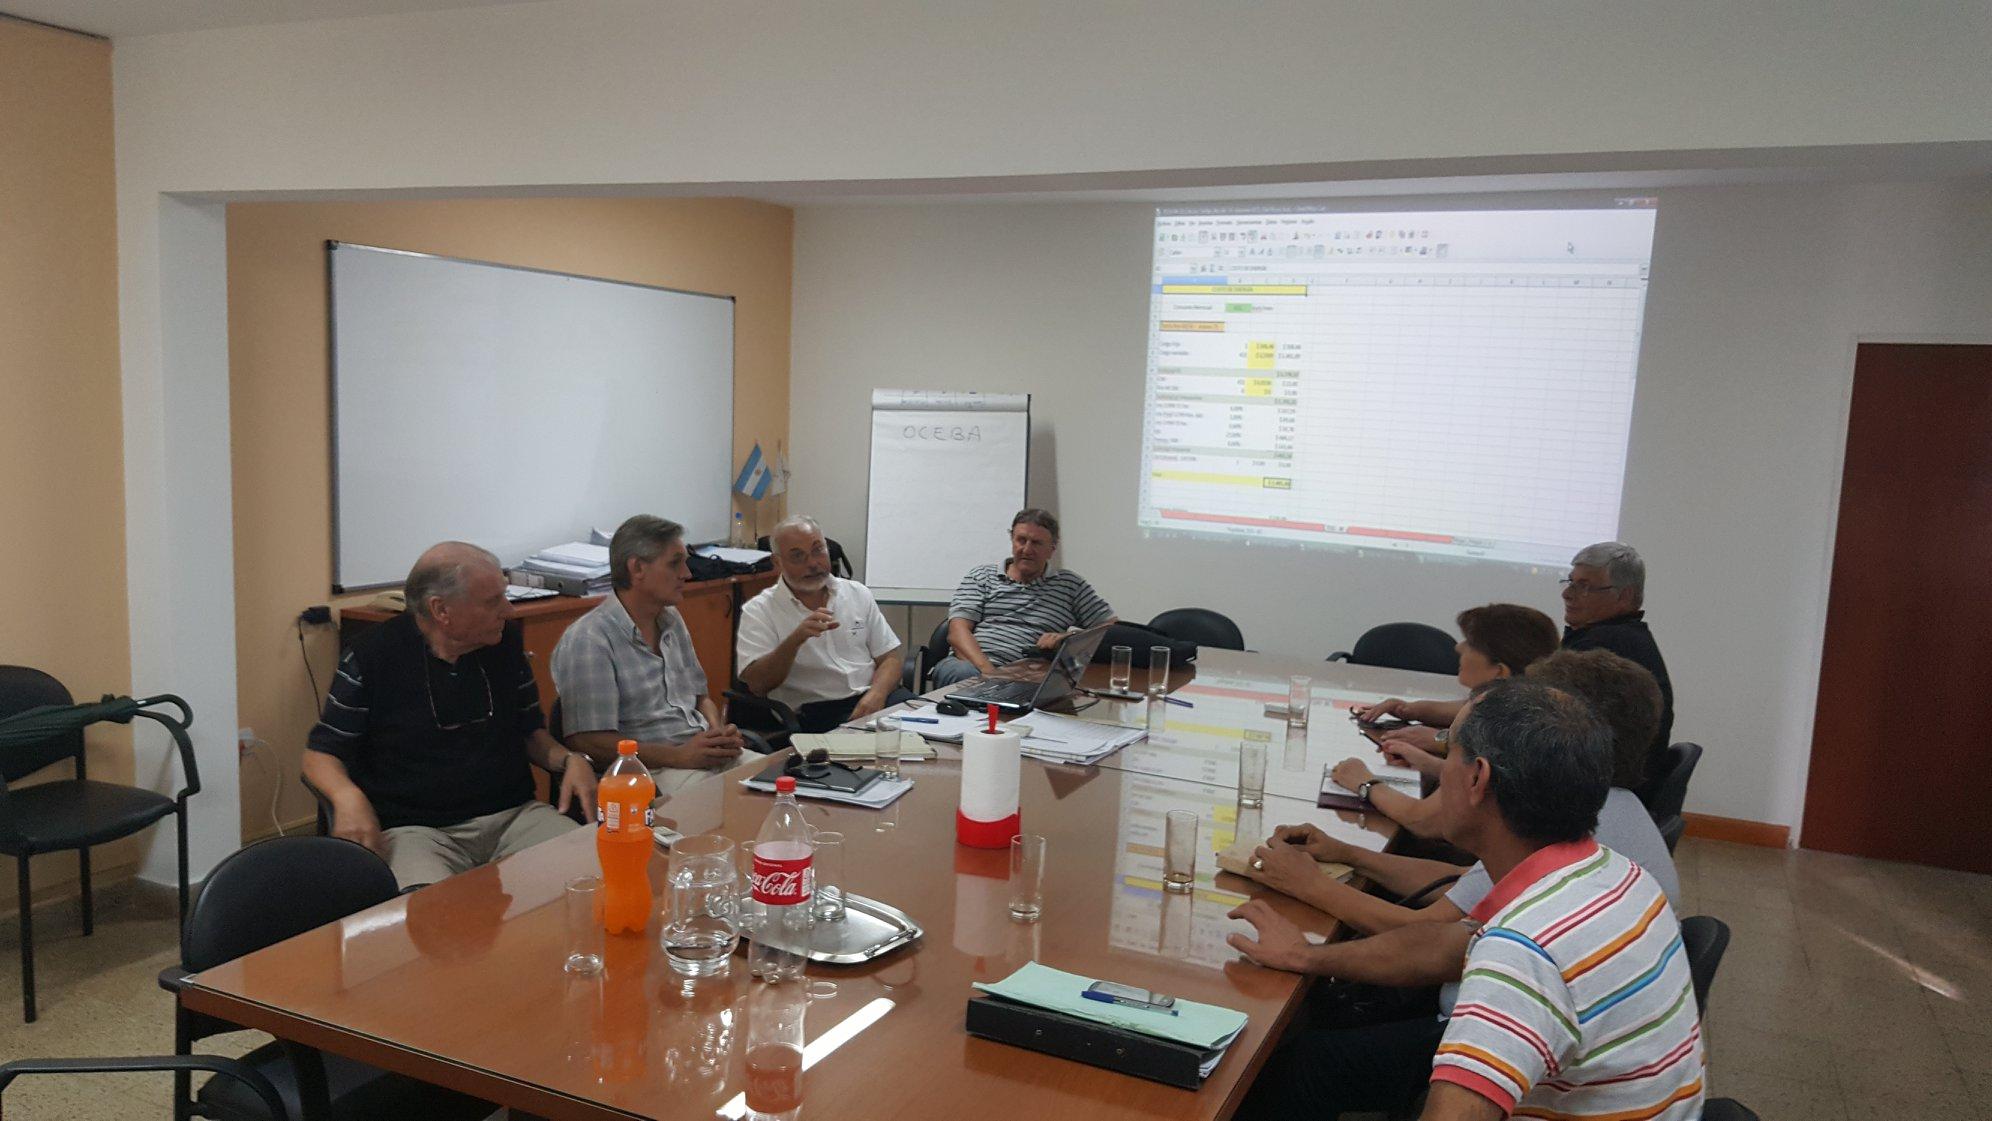 Los concejales del bloque Unidad Ciudadana-FpV se reunieron con las autoridades de la Cooperativa de Servicios Públicos de Ramallo (Coospral) a los fines de evaluar la situación de los vecinos en relación con los fuertes incrementos de la energía eléctrica.